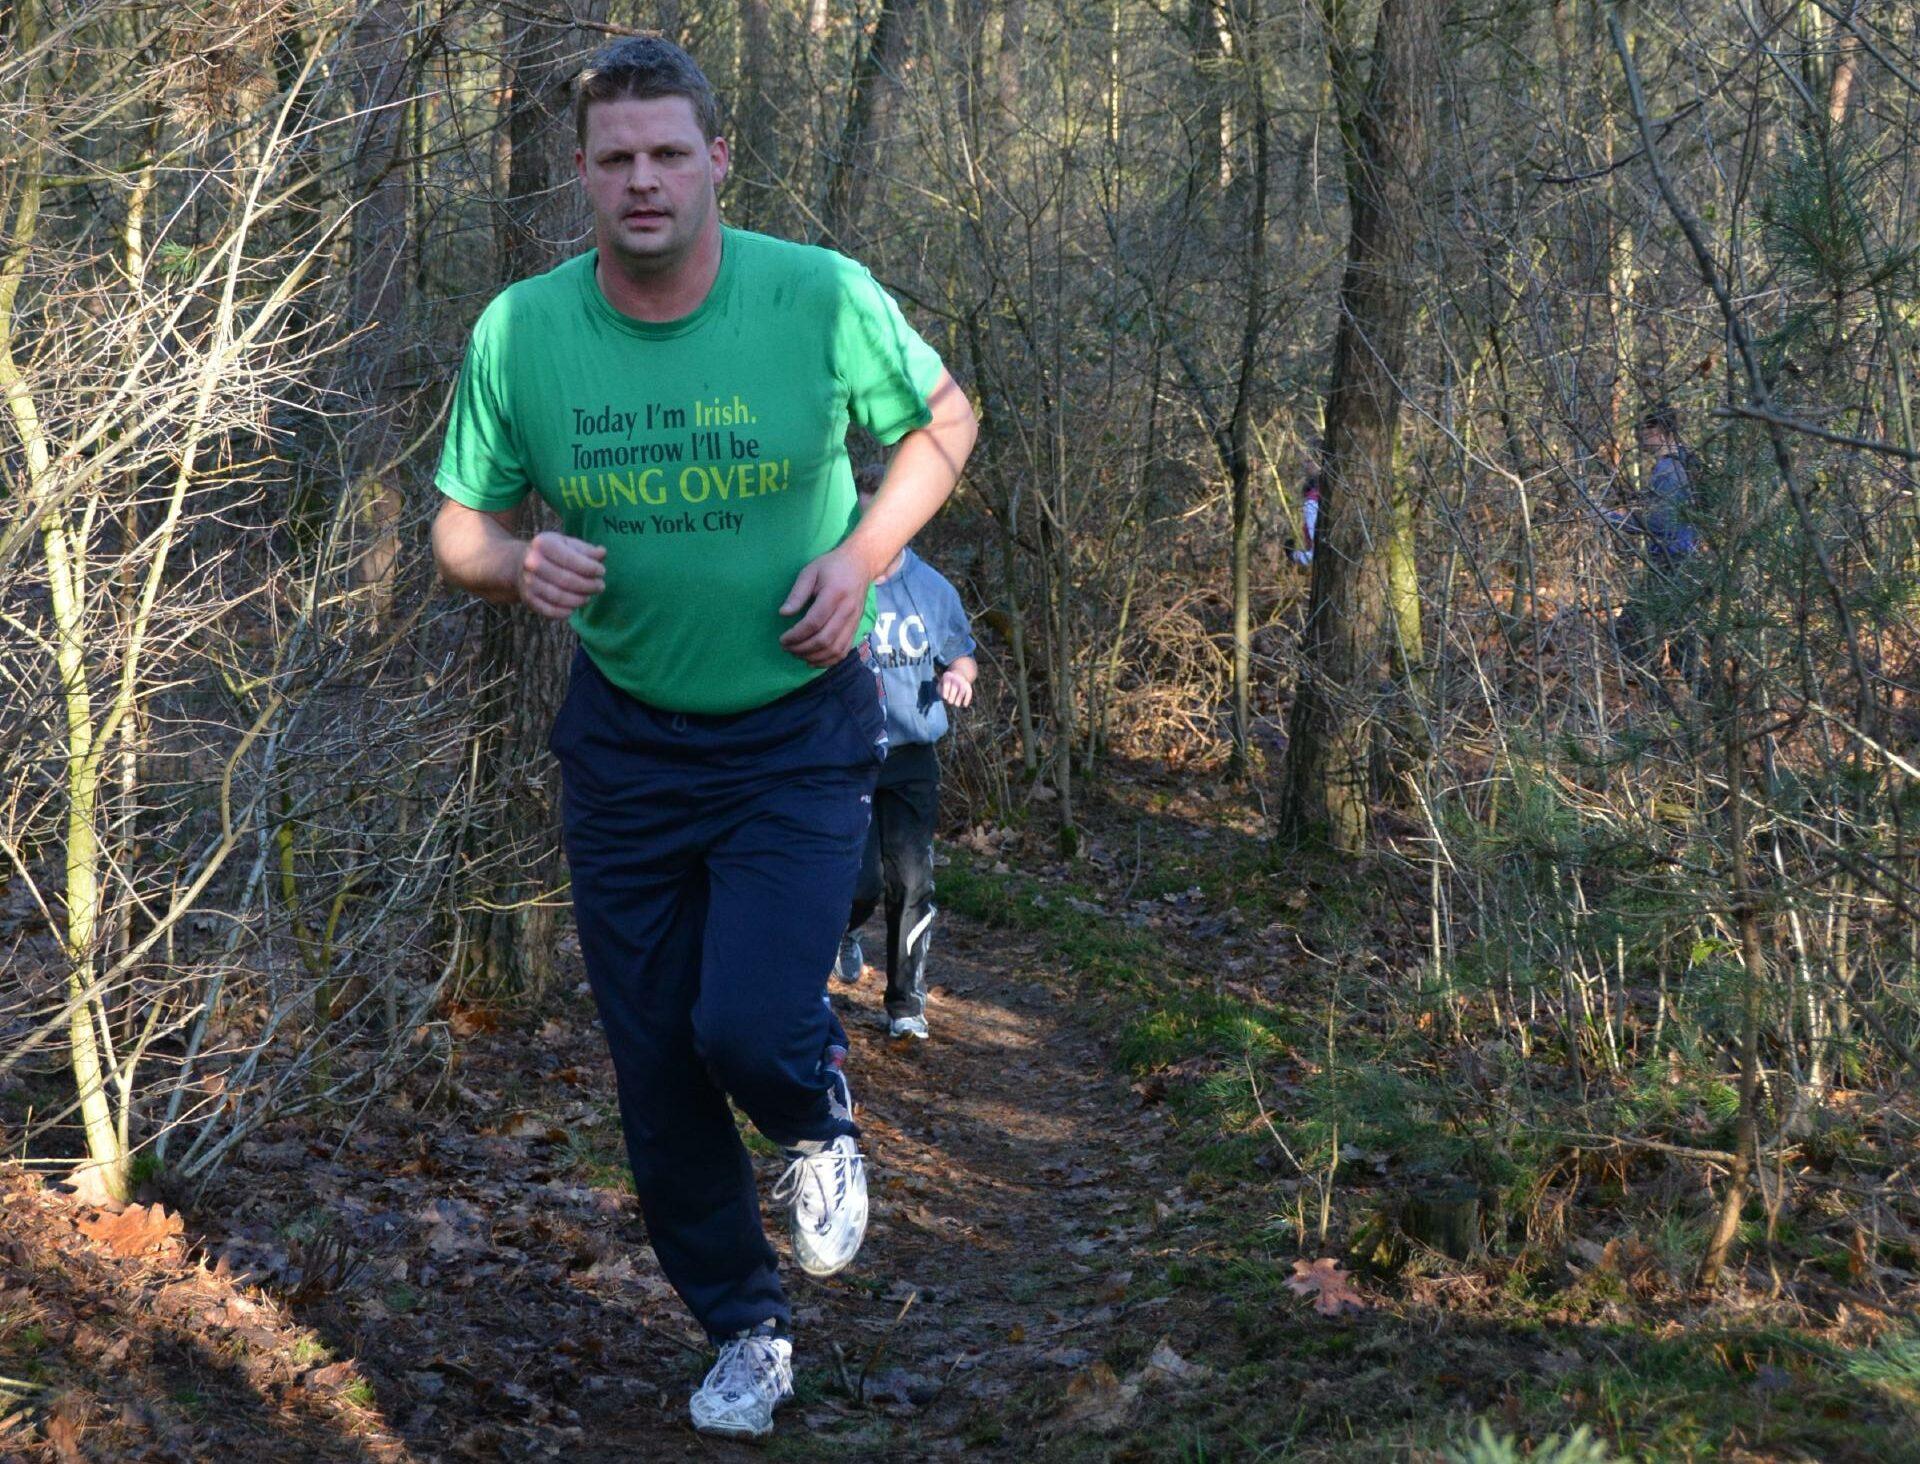 Lekker actief in de buitenlucht op je eigen niveau sporten! - Mark